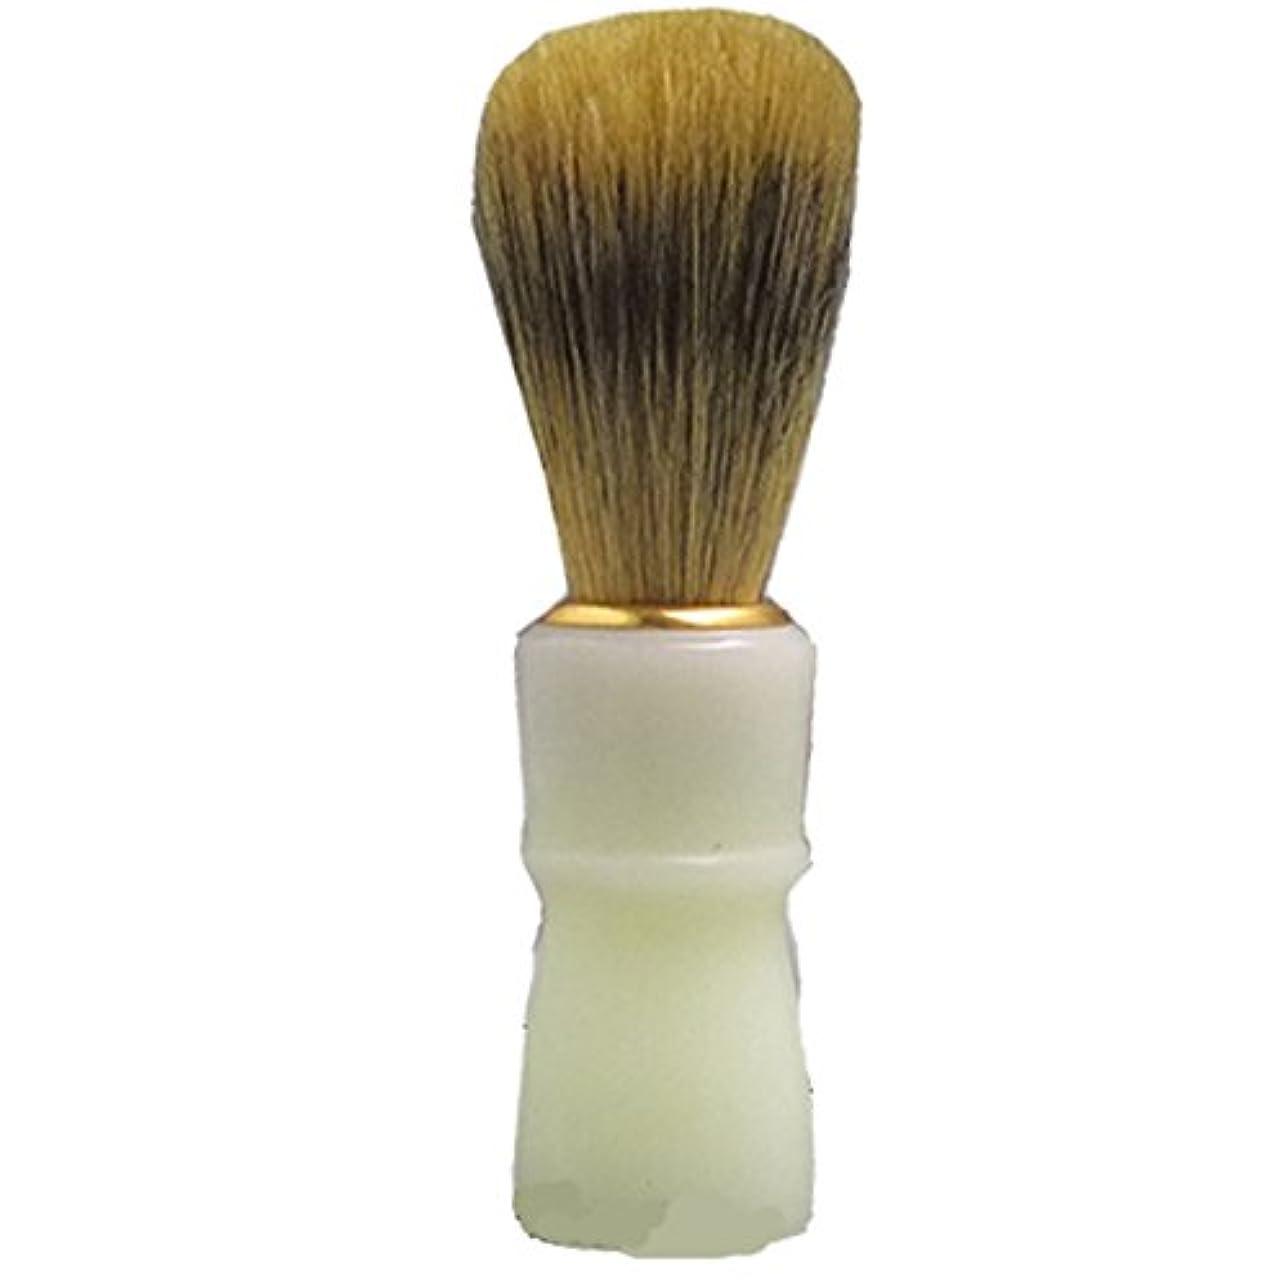 ファウル望まないセッティングT-150 ひげブラシ 心地よいヒゲ剃り?お顔剃りが自宅でも! (シェービングブラシ) 大阪ブラシ